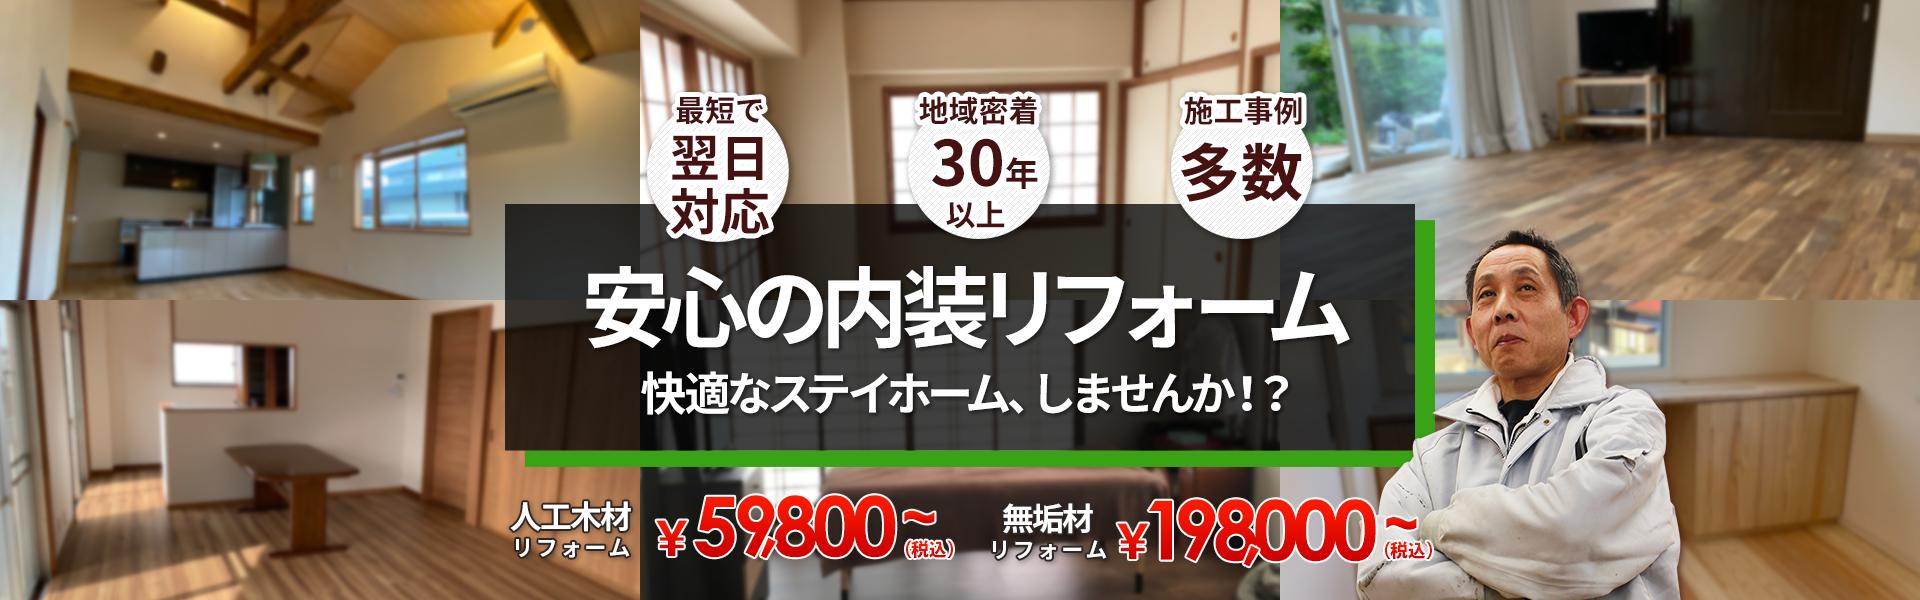 高品質で適正価格な安心の内装リフォーム快適なステイホーム、しませんか!?